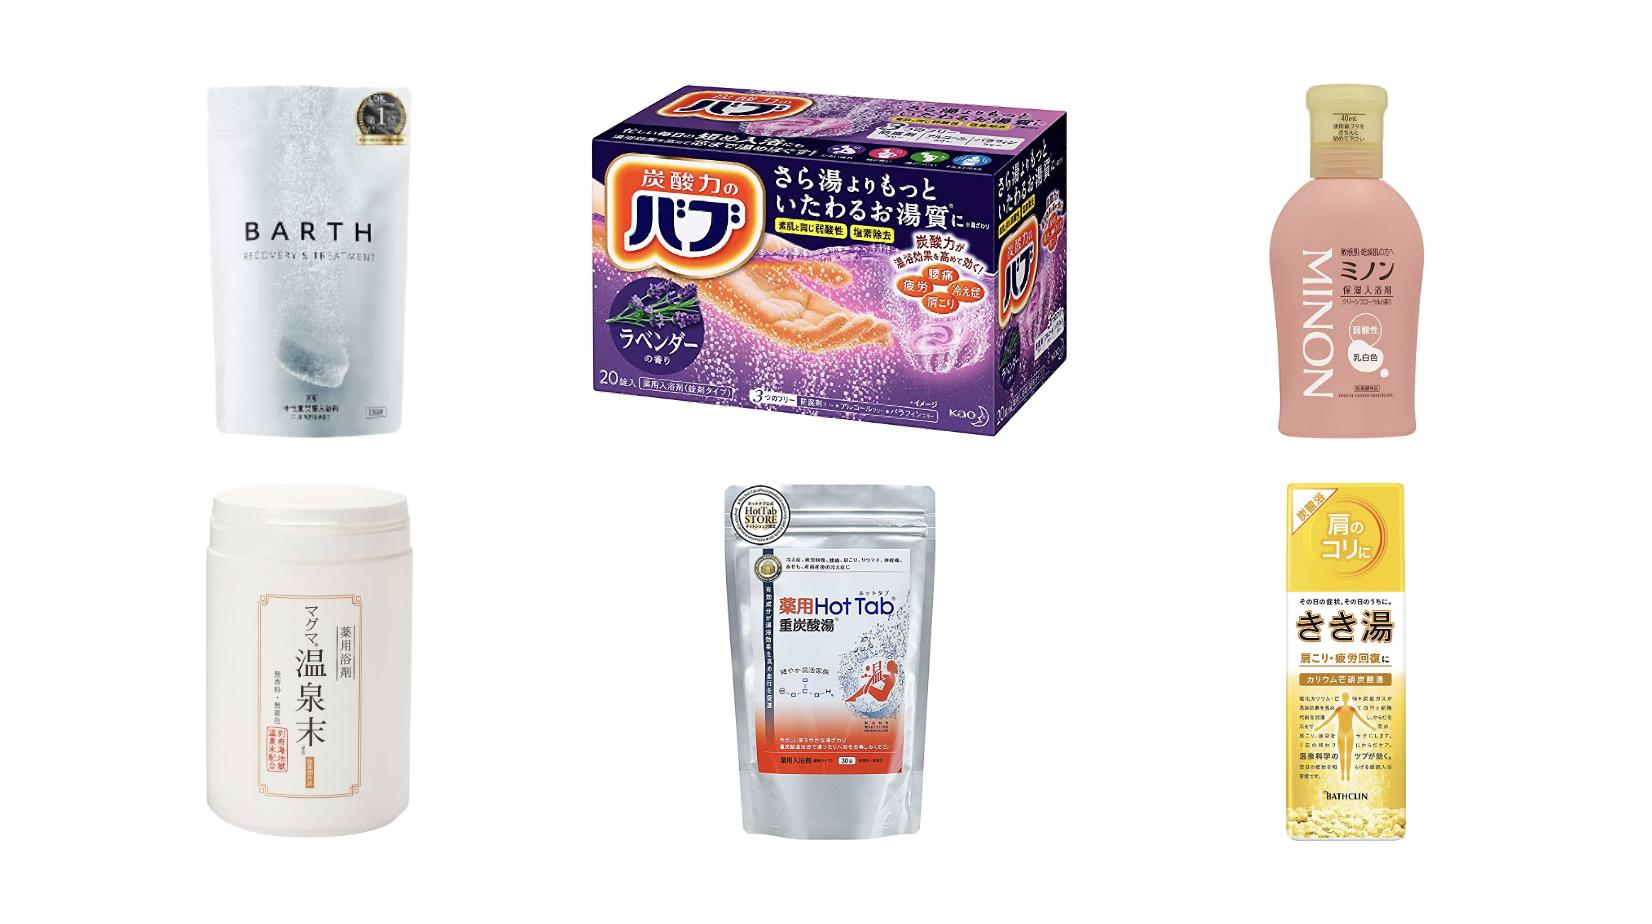 入浴剤のおすすめランキング37選!ドラッグストアで買える人気アイテムなどを厳選